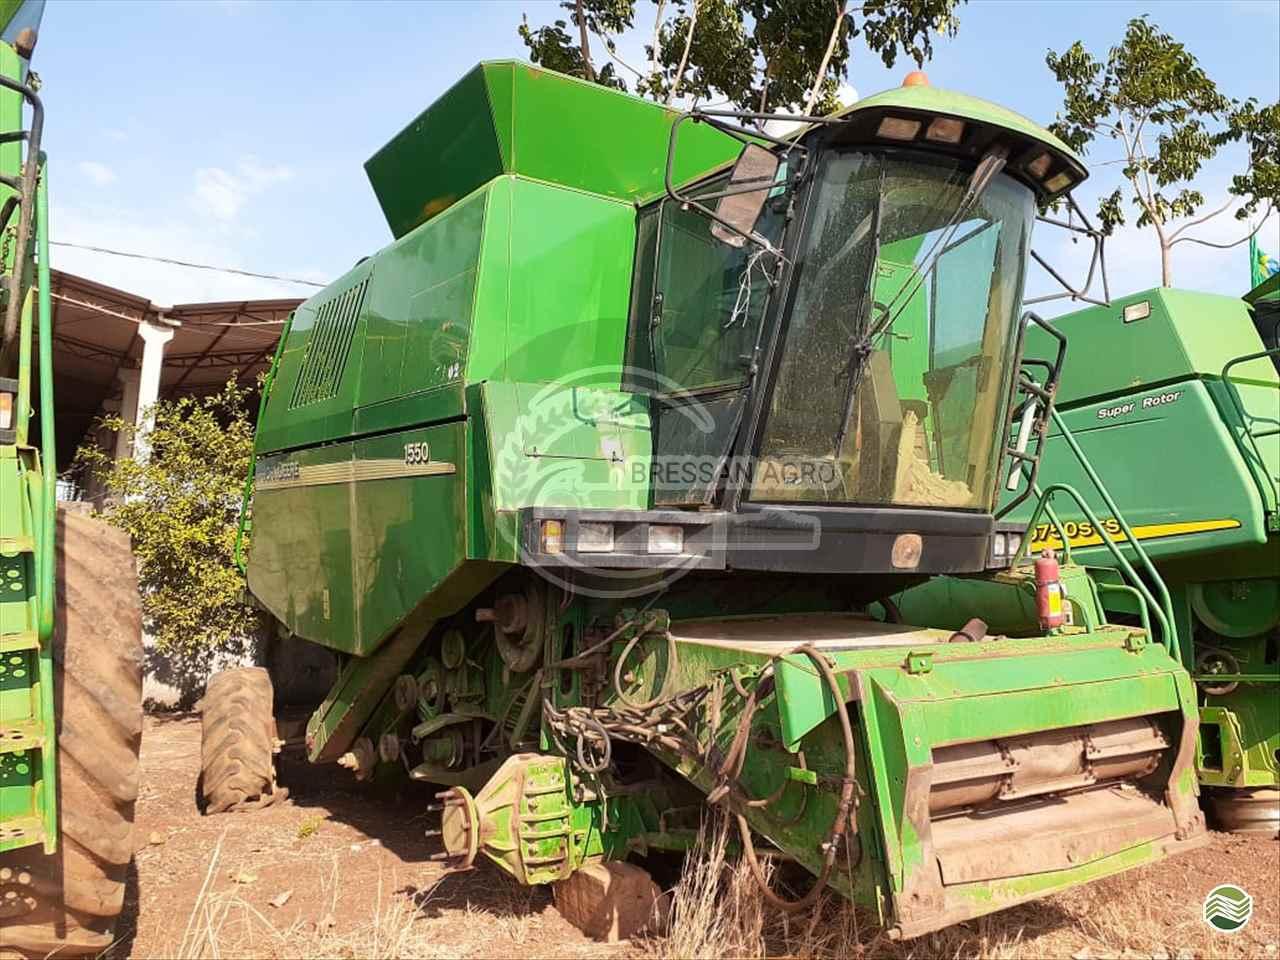 PEÇAS A VENDA COLHEITADEIRAS CABINE Bressan Agro VARZEA GRANDE MATO GROSSO MT